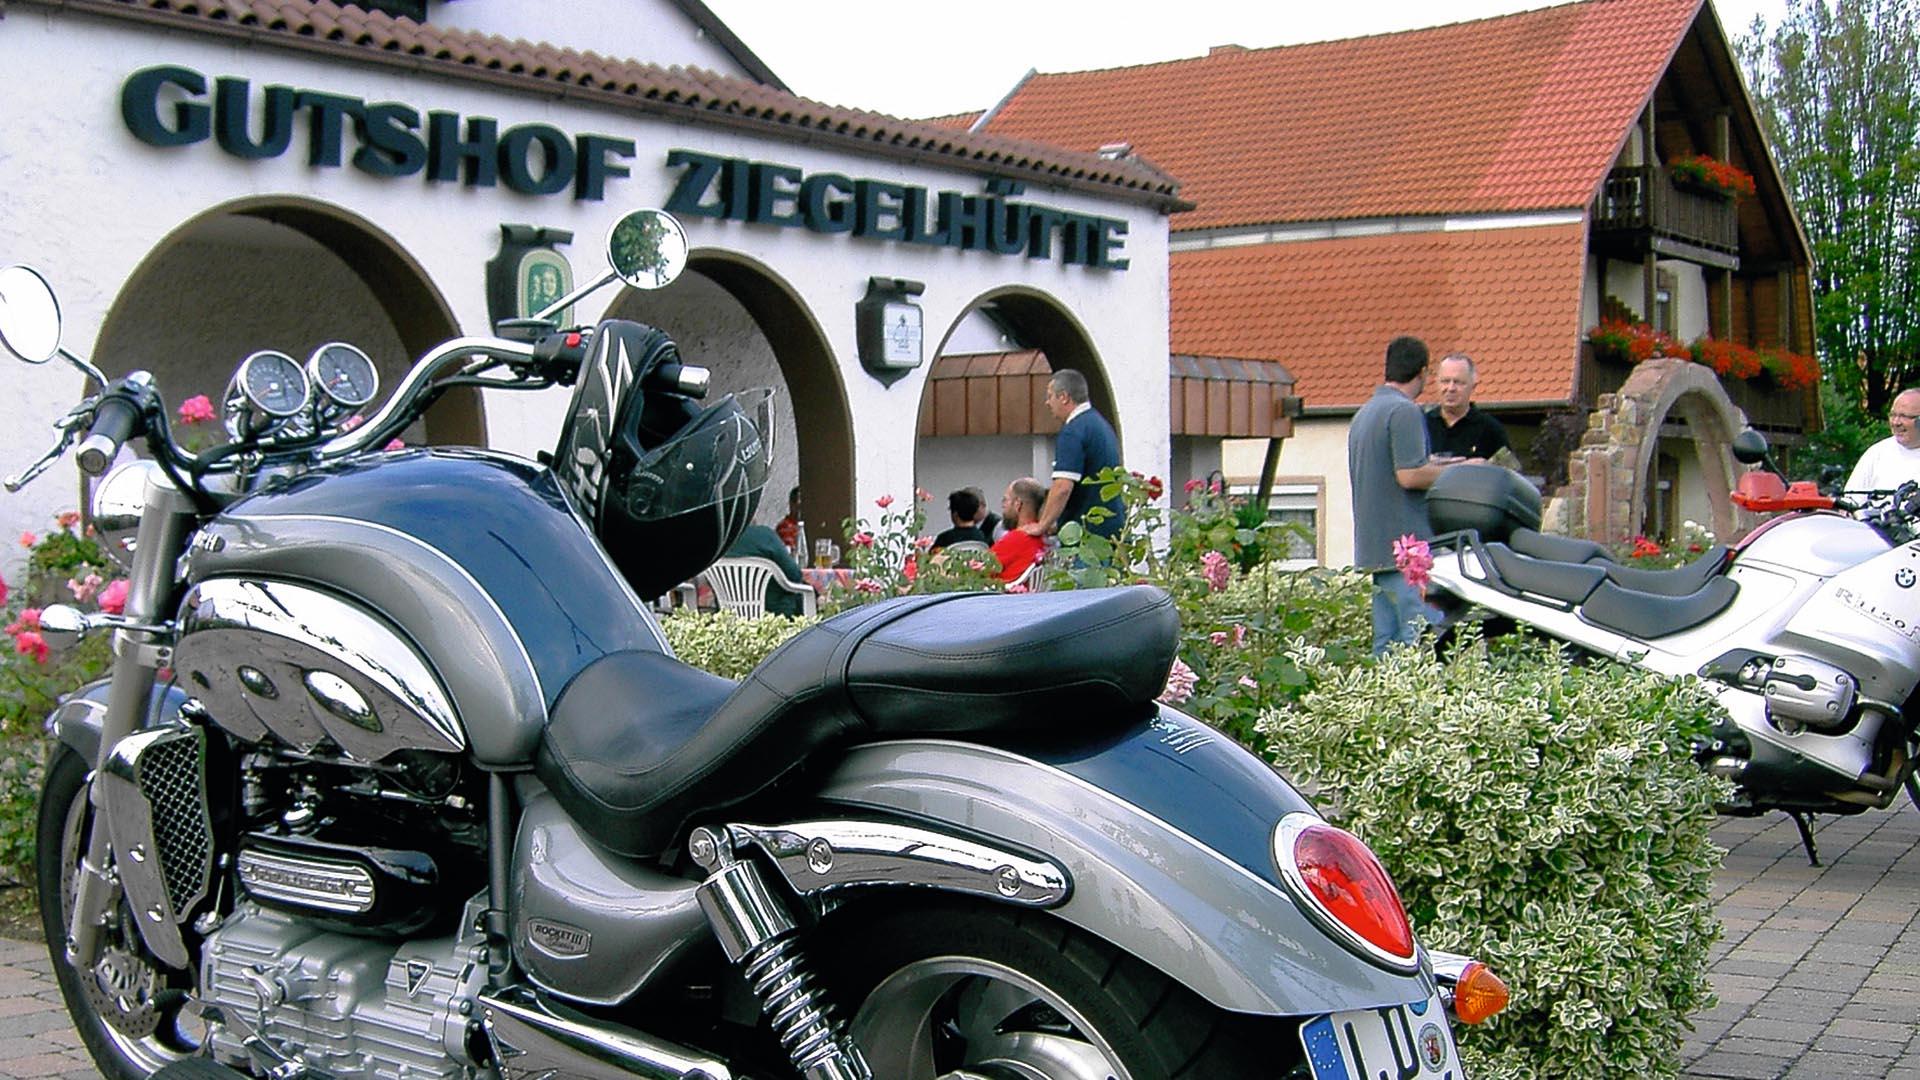 Gutshof ziegelh tte for Appoggiarsi all aggiunta al garage